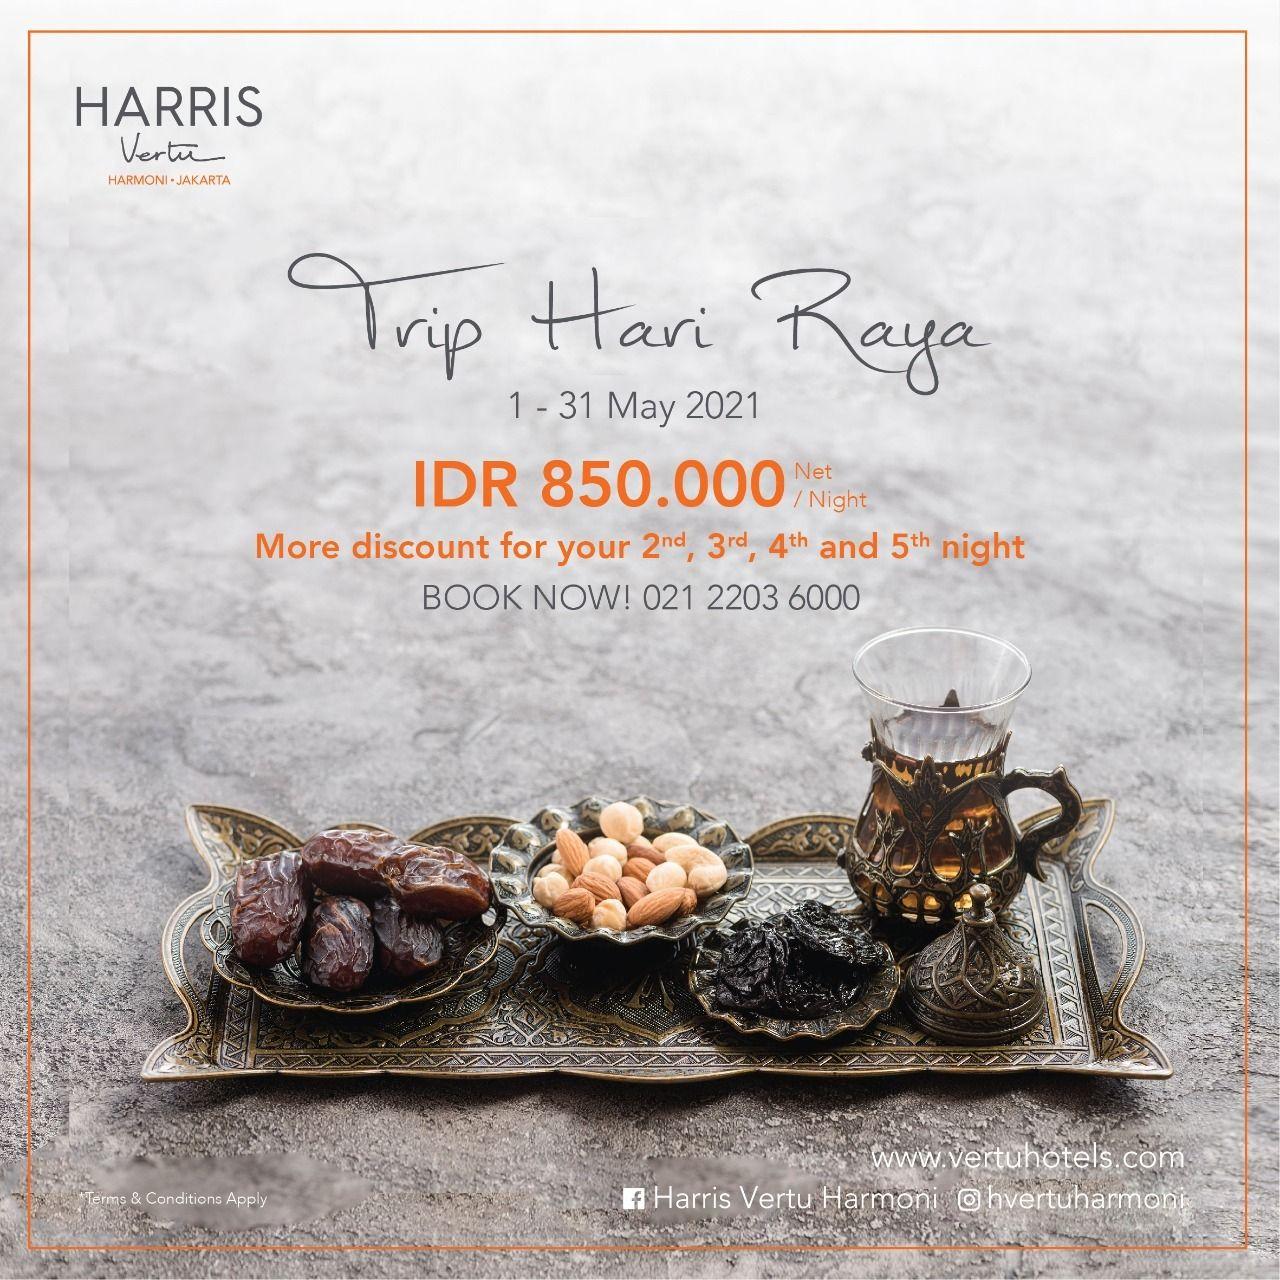 Harris Vertu Harmoni